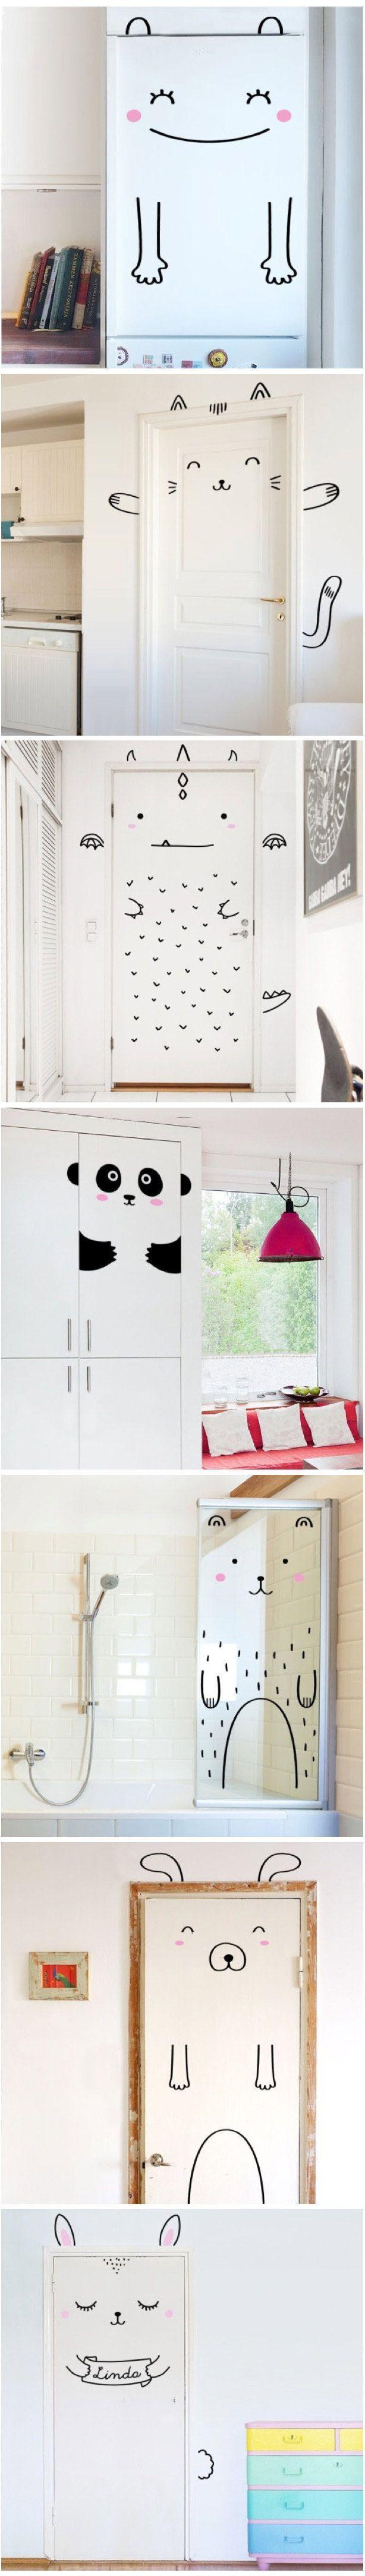 229 best Kids Room Designs images on Pinterest | Child room ...